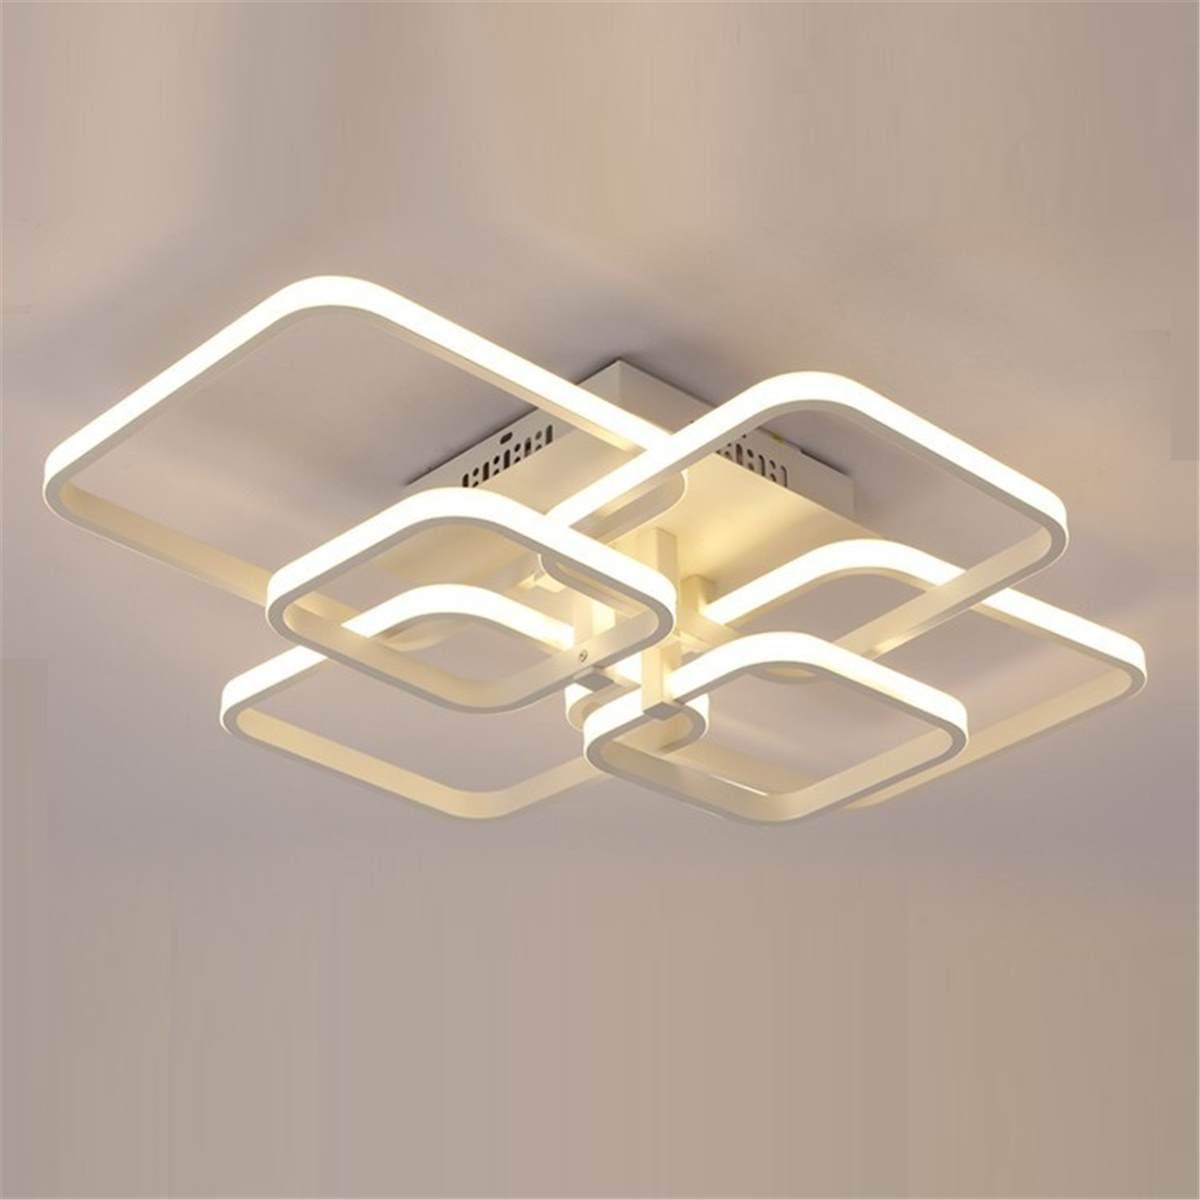 6 têtes Rectangle acrylique aluminium plafond moderne à LEDs lumières pour salon chambre hôtel Restaurant décor 110 W